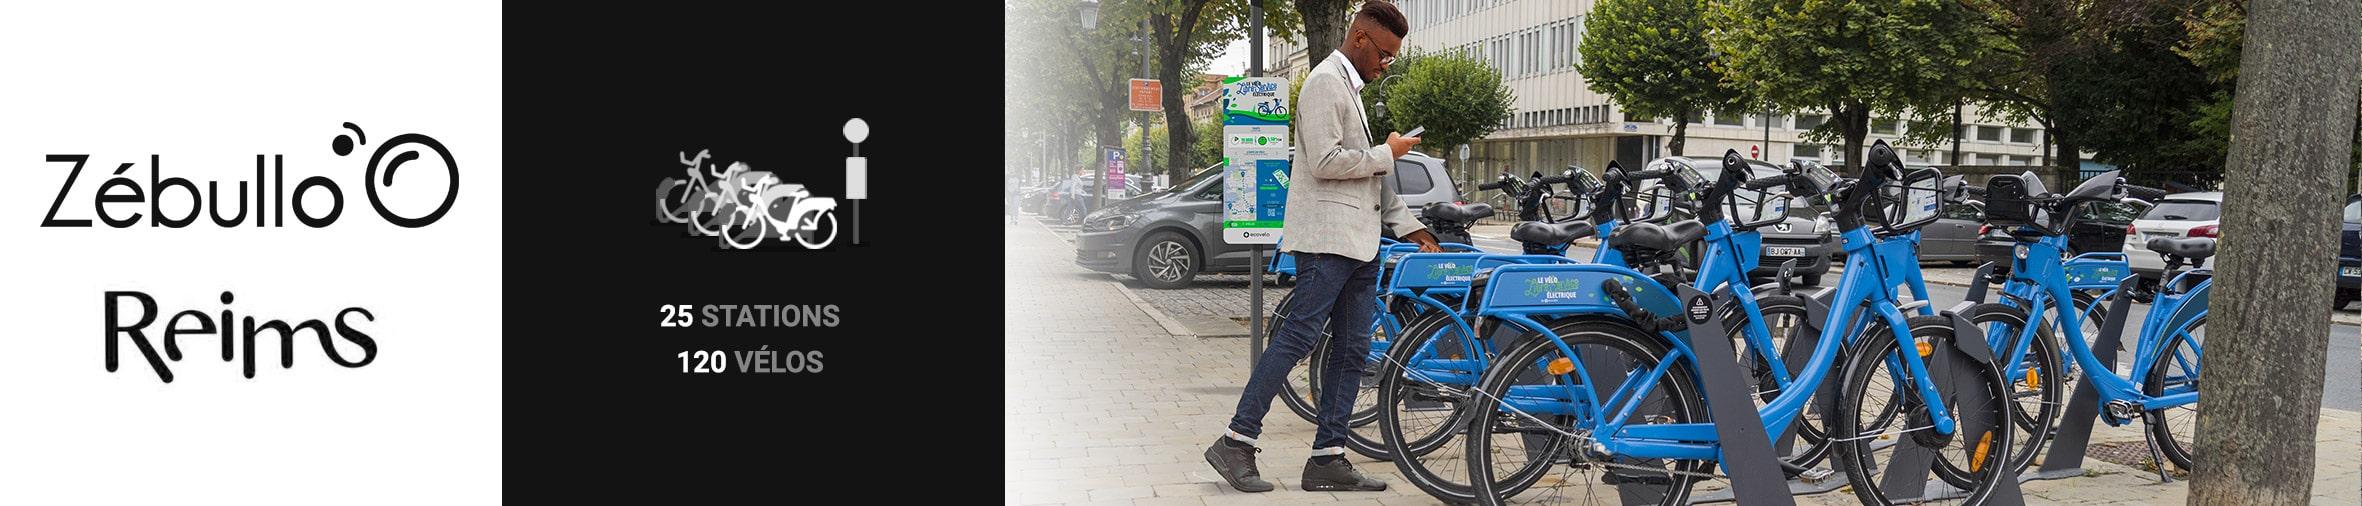 Vélos en libre-service à Reims : 25 stations, 120 vélos